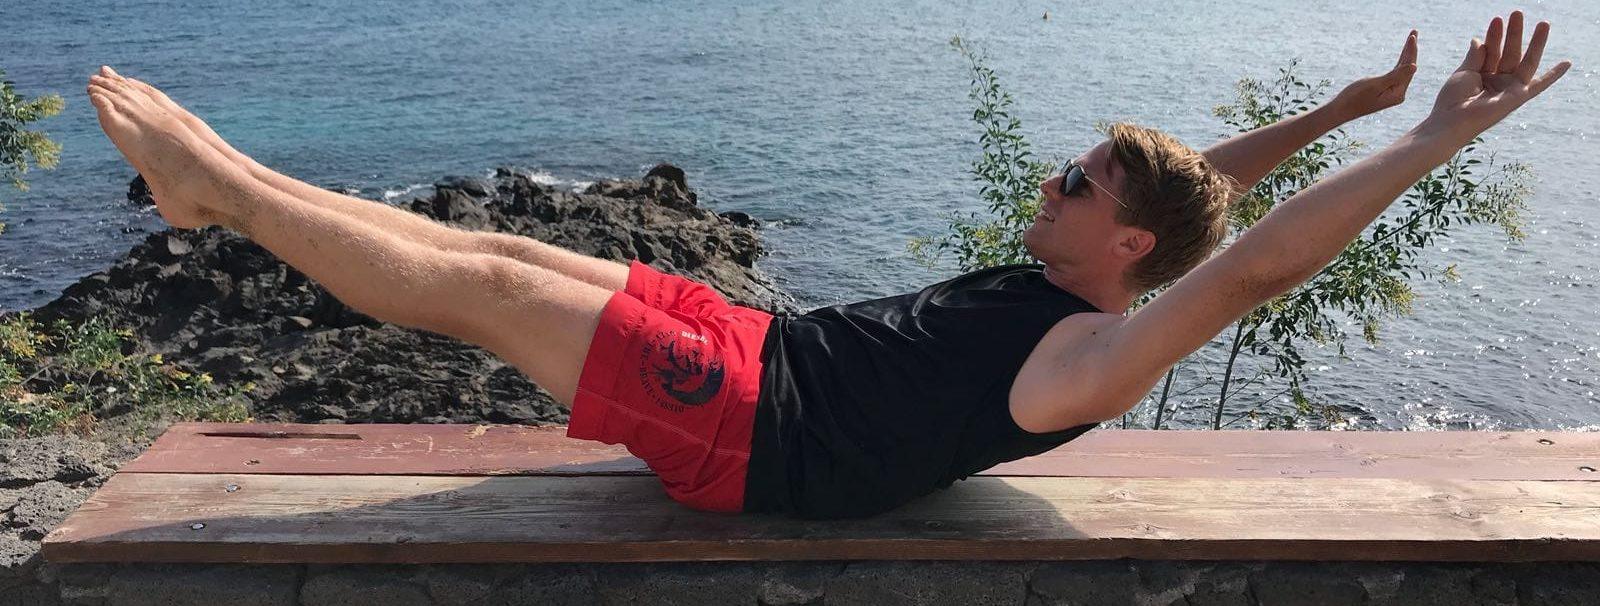 Martins Personal Training zeigt Bilder vom Personal Trainer Martin